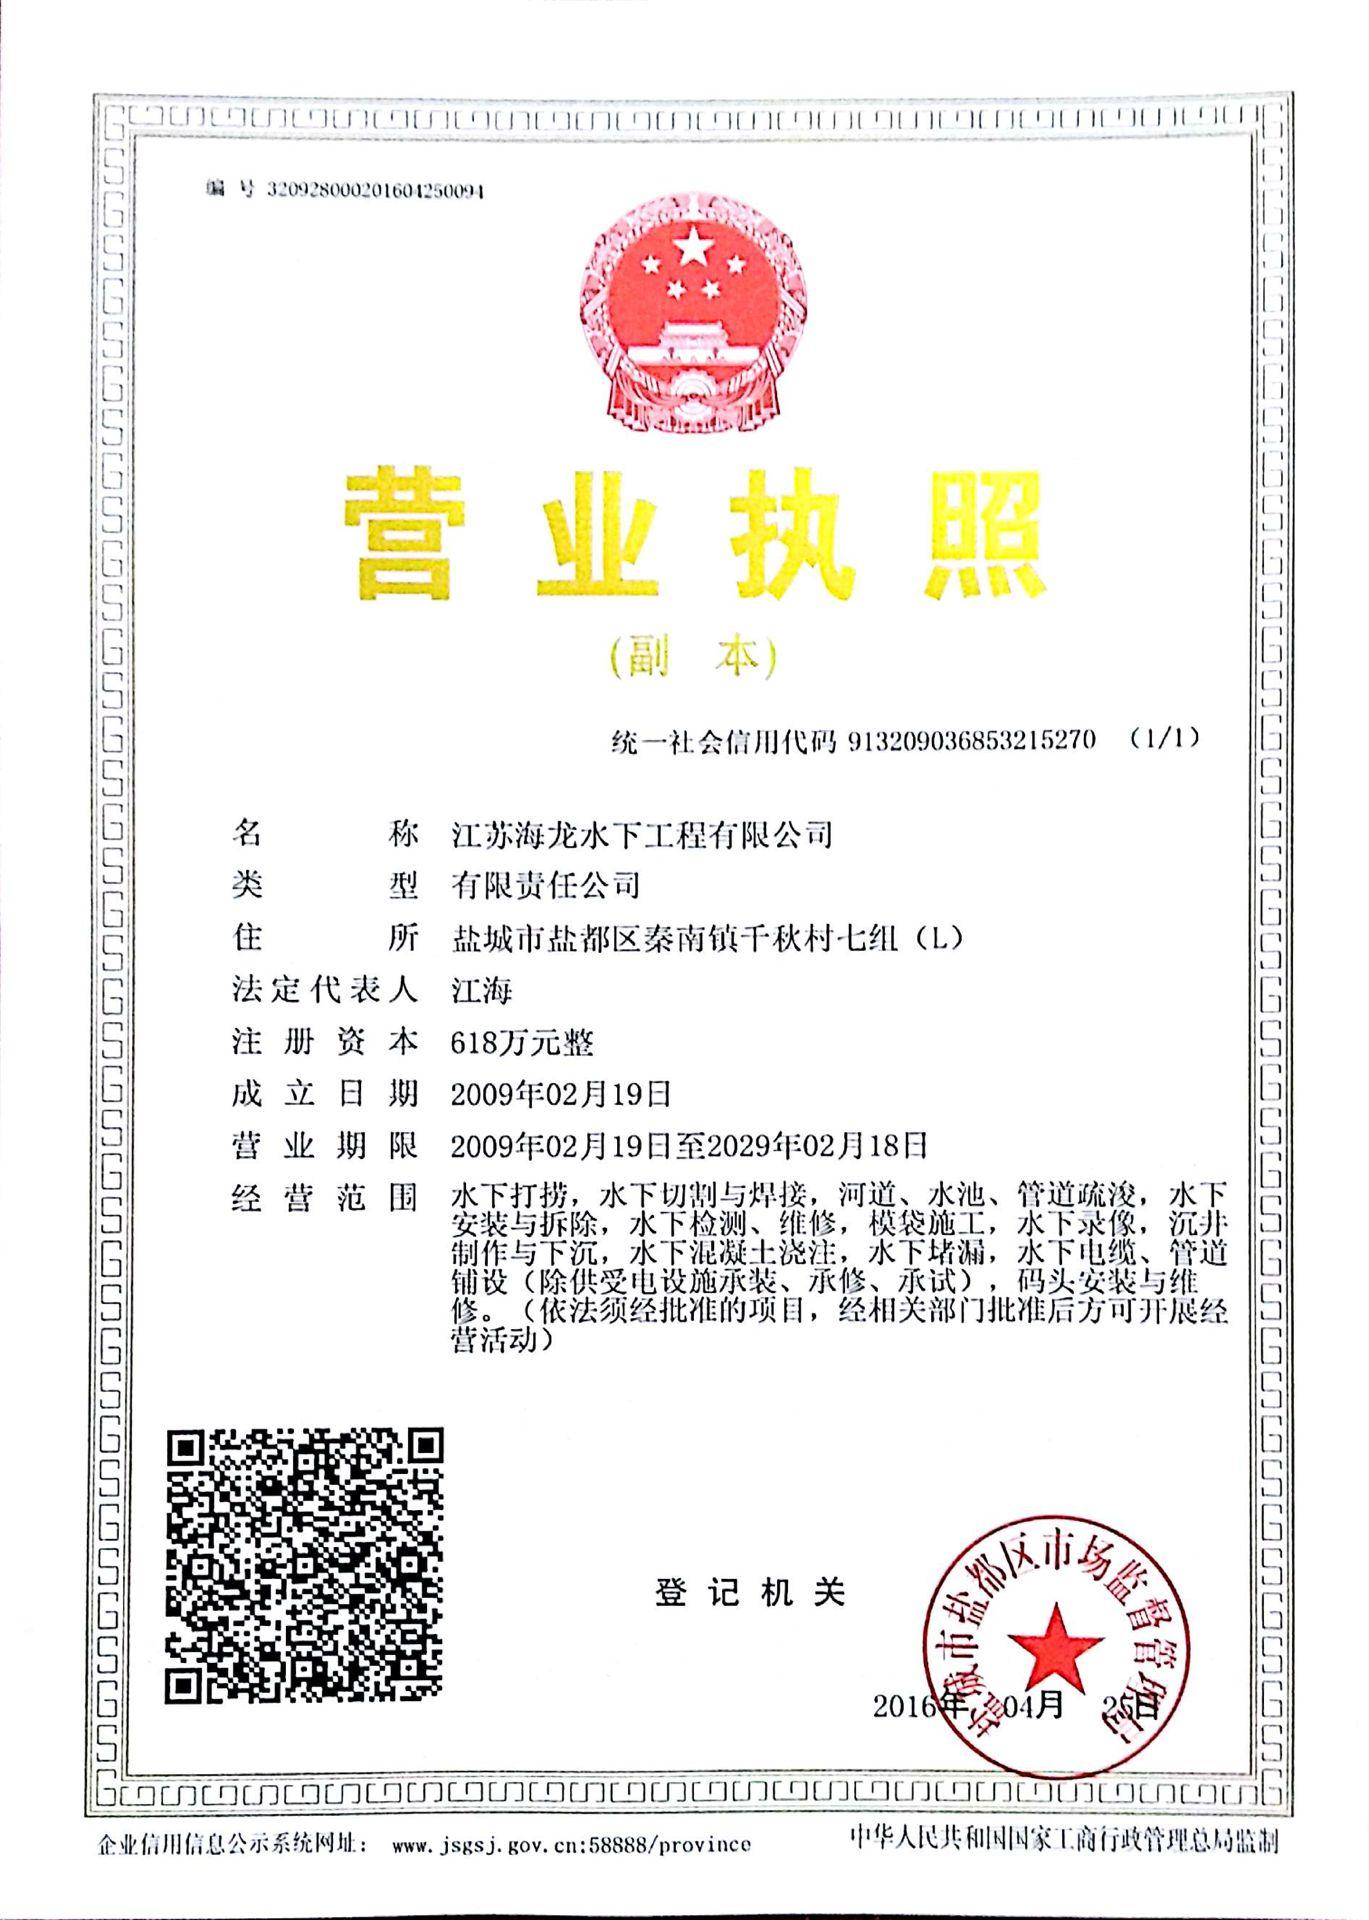 江蘇海龍水下工程有限公司